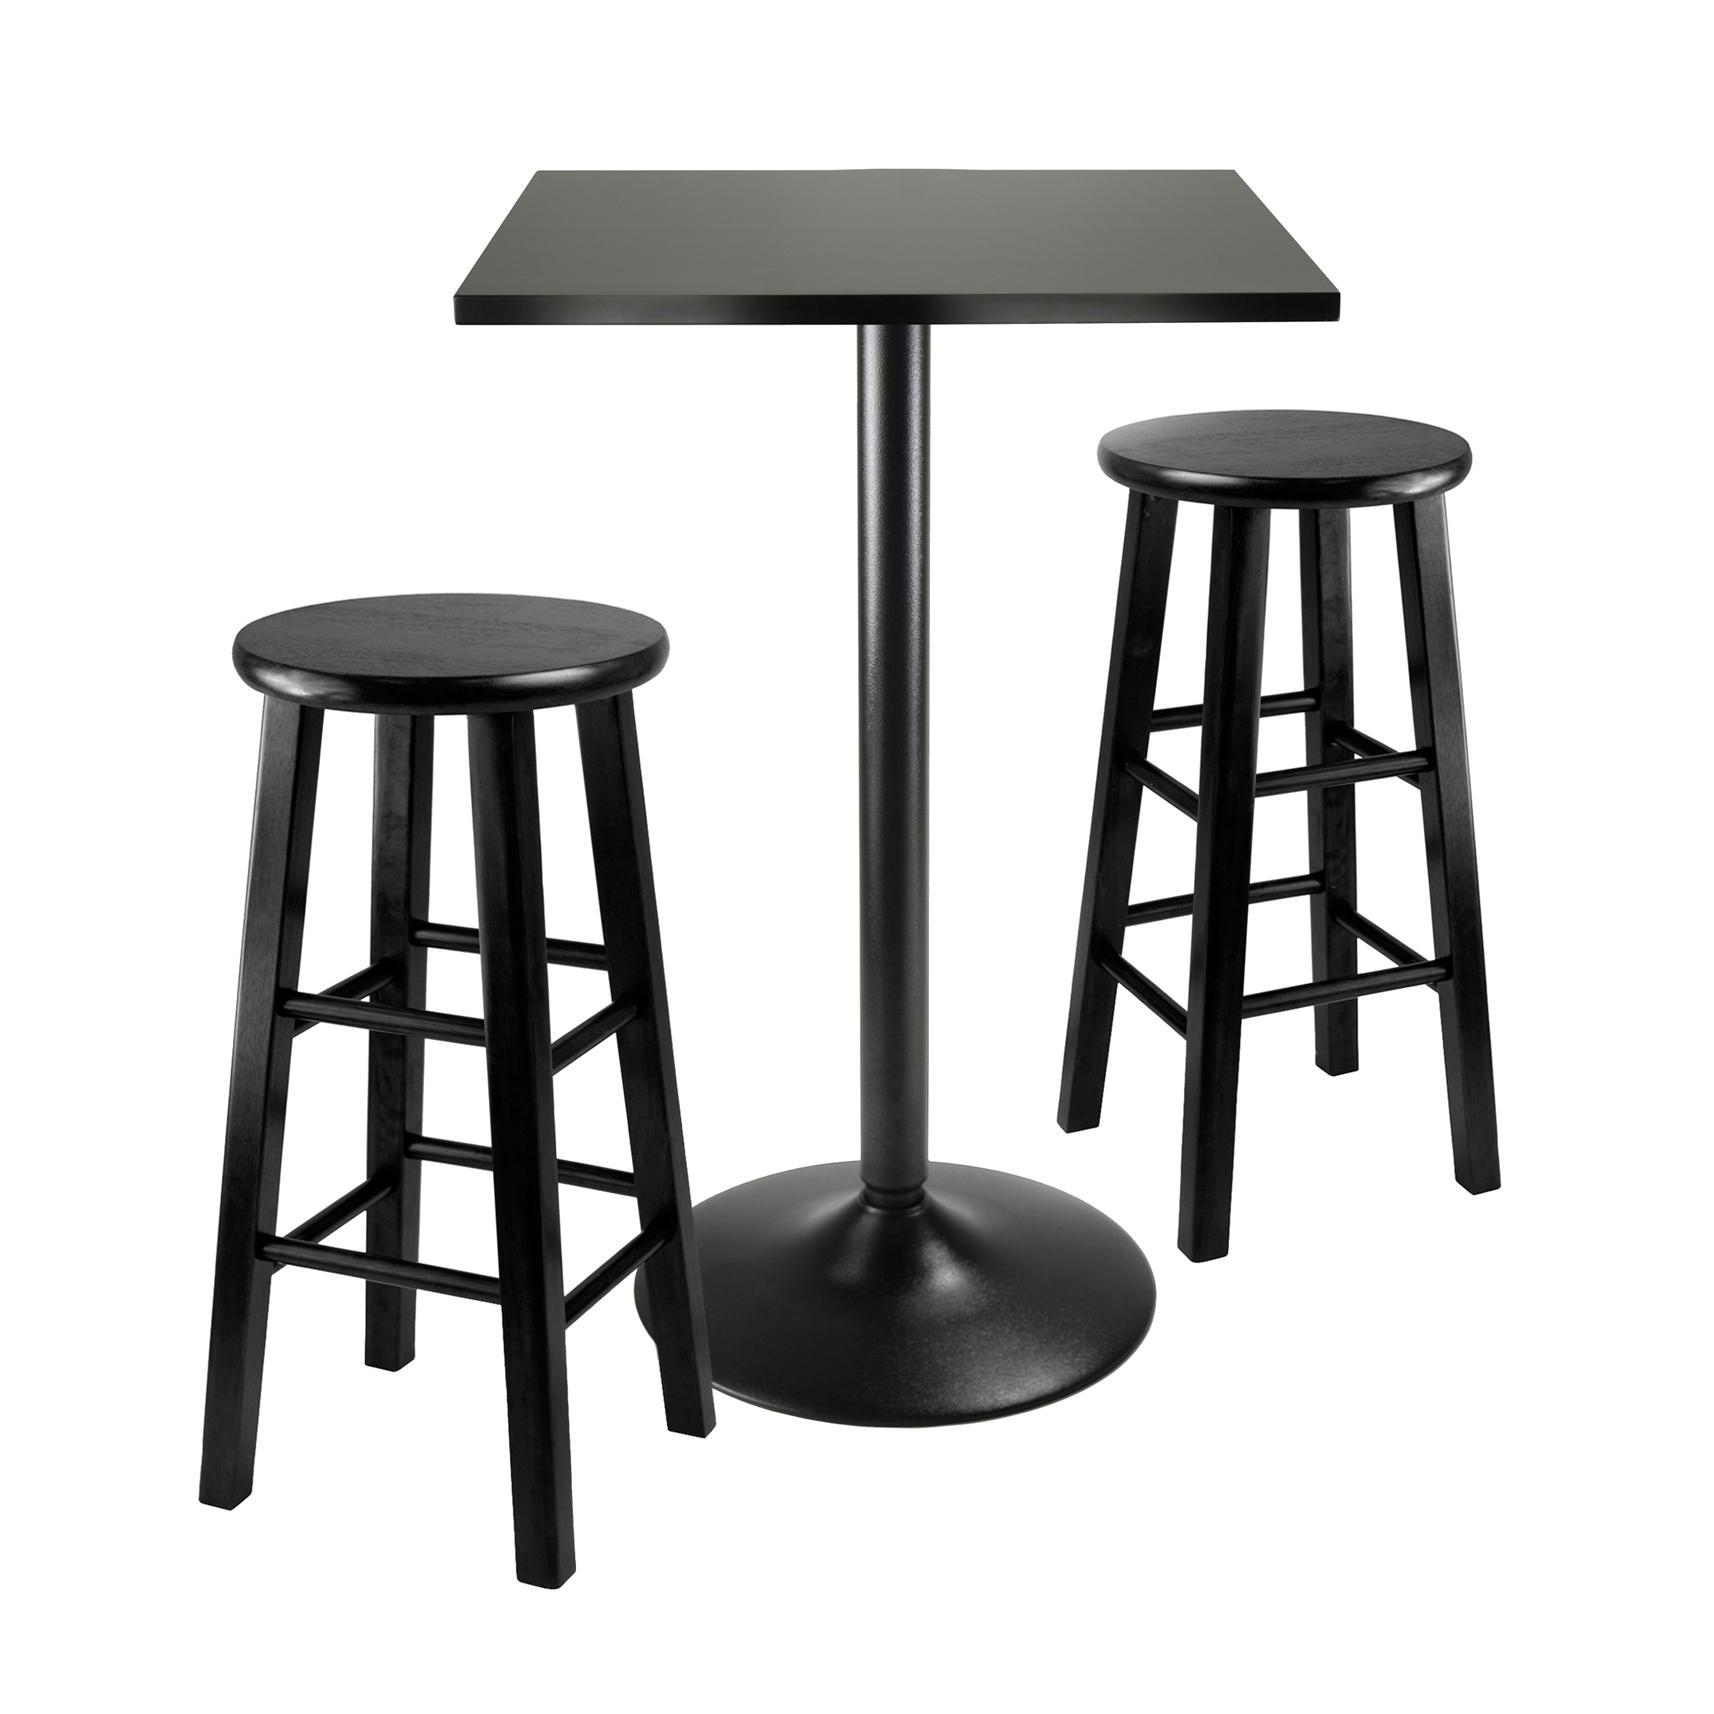 View larger  sc 1 st  Amazon.com & Amazon.com - Winsome Obsidian 3-Piece Pub Table Set - Table \u0026 Chair Sets